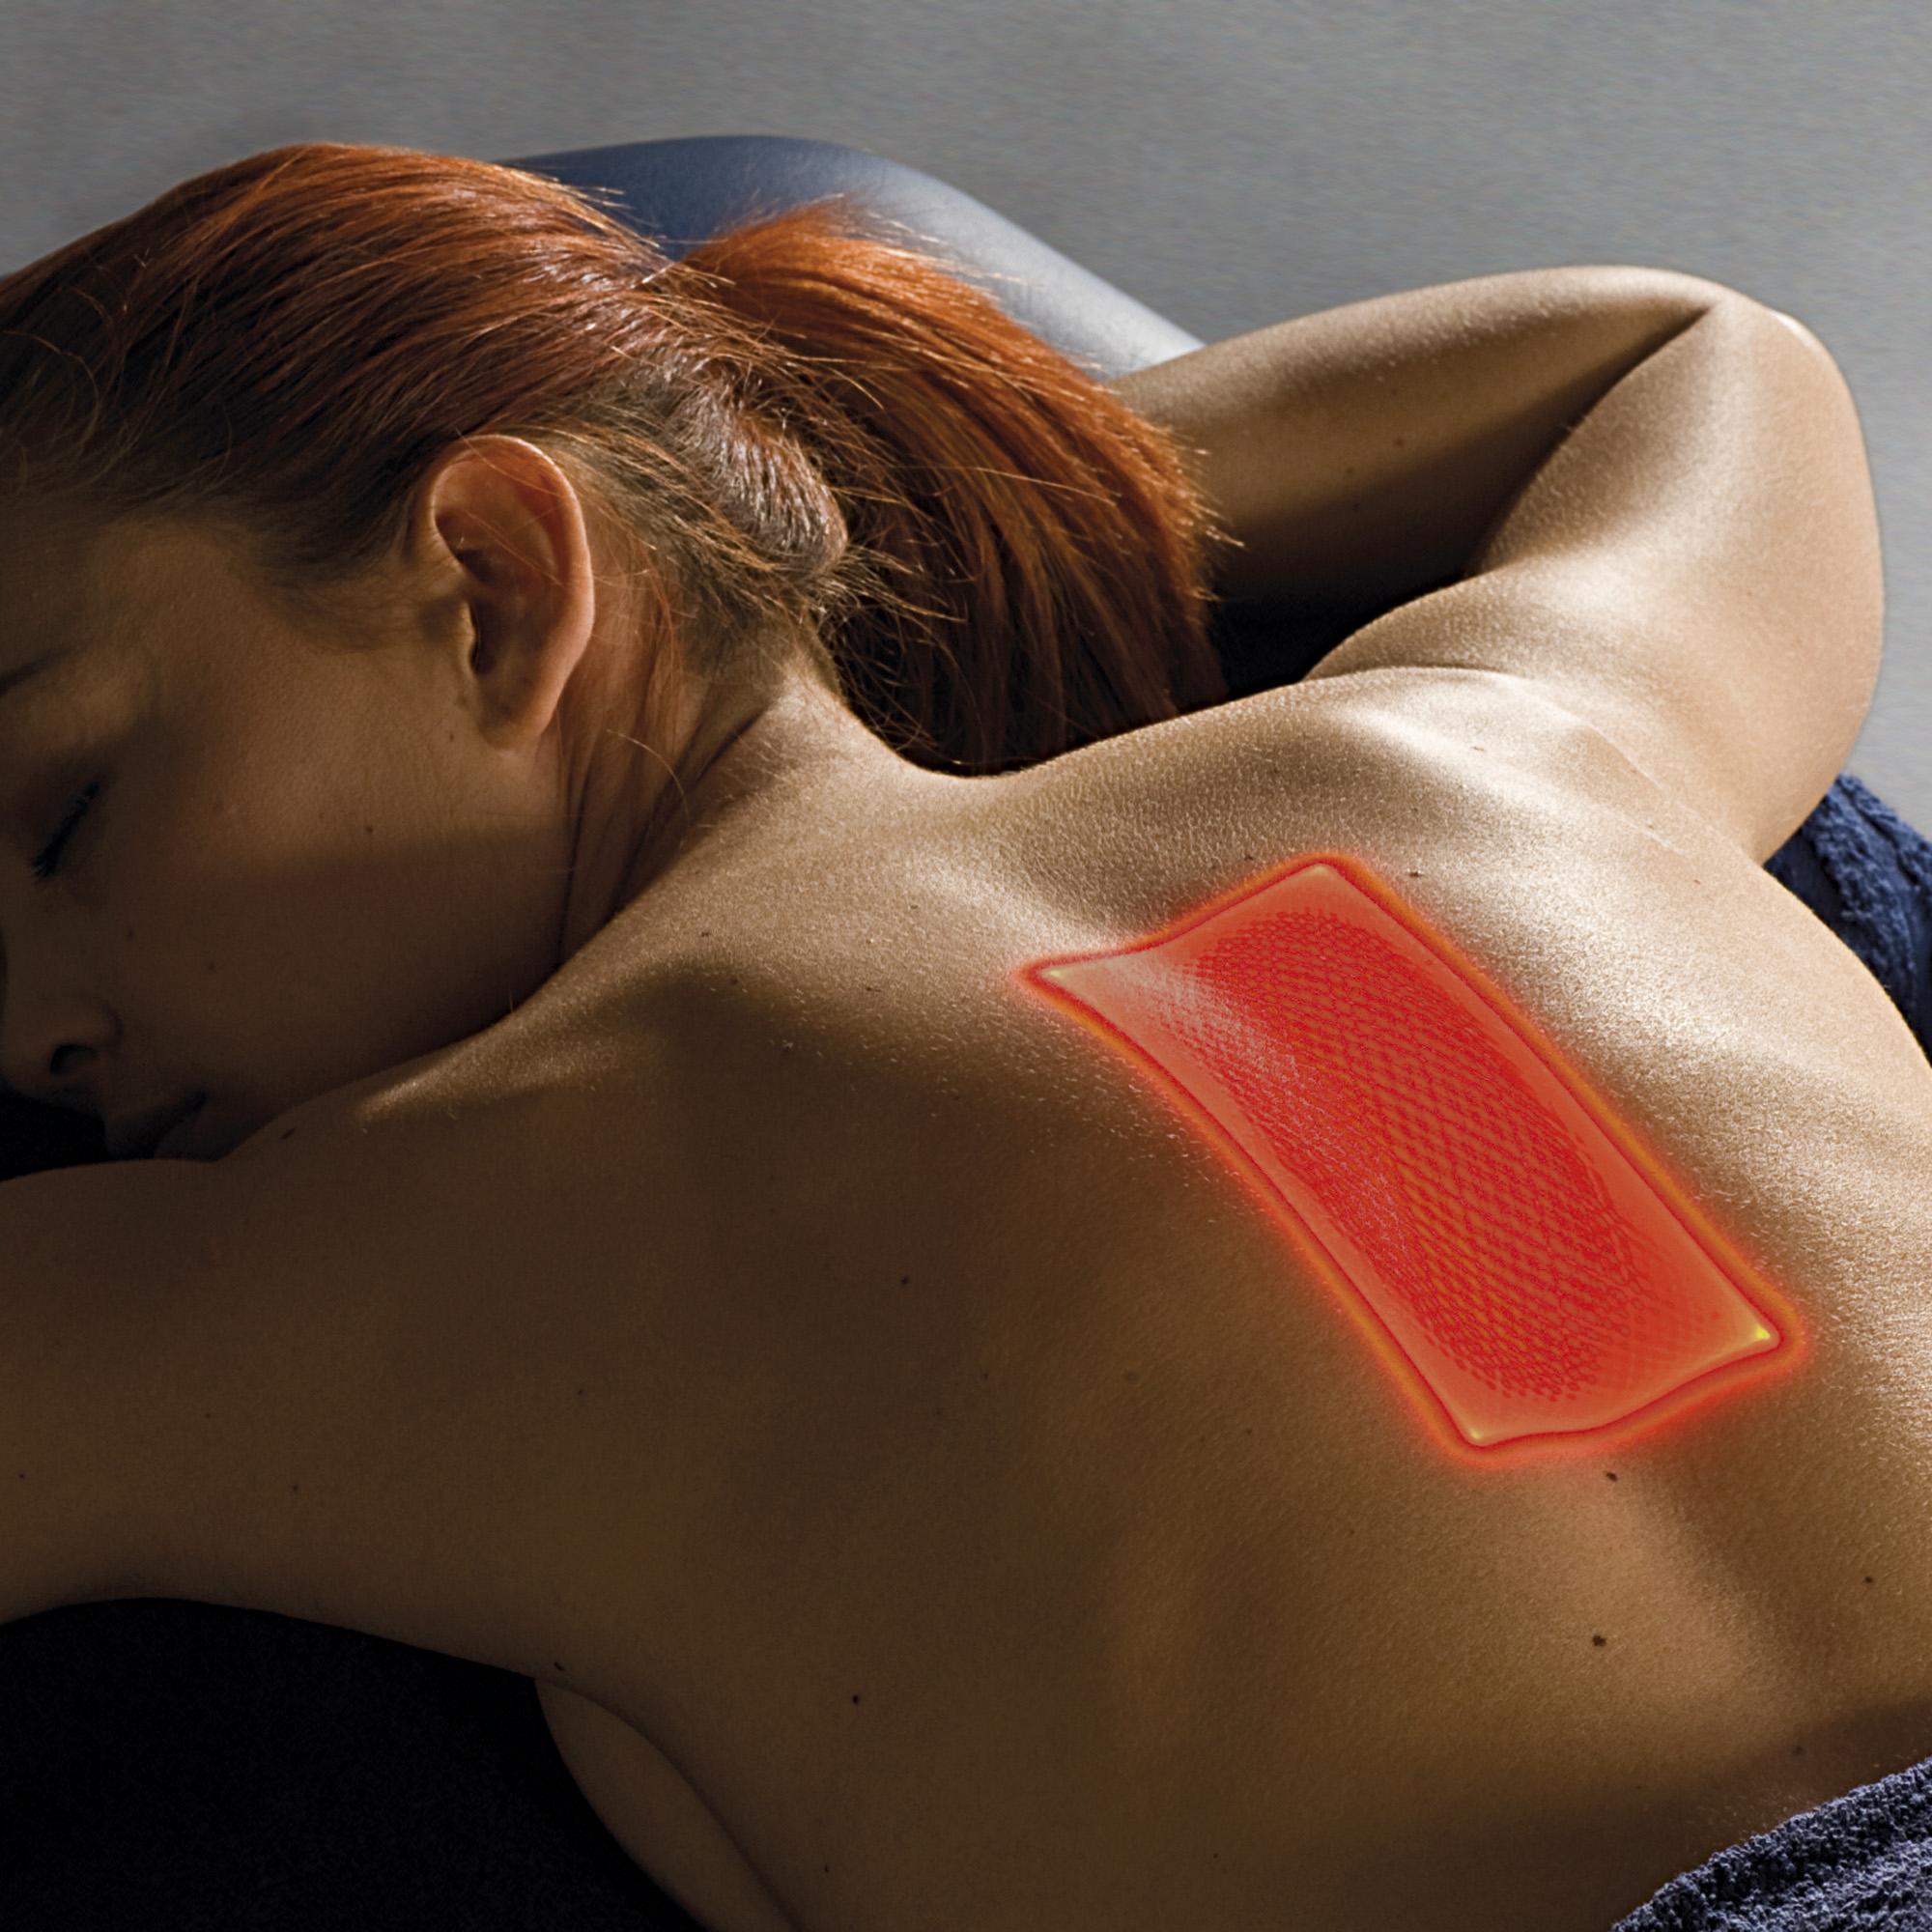 urządzenie do laseroterapii zabieg